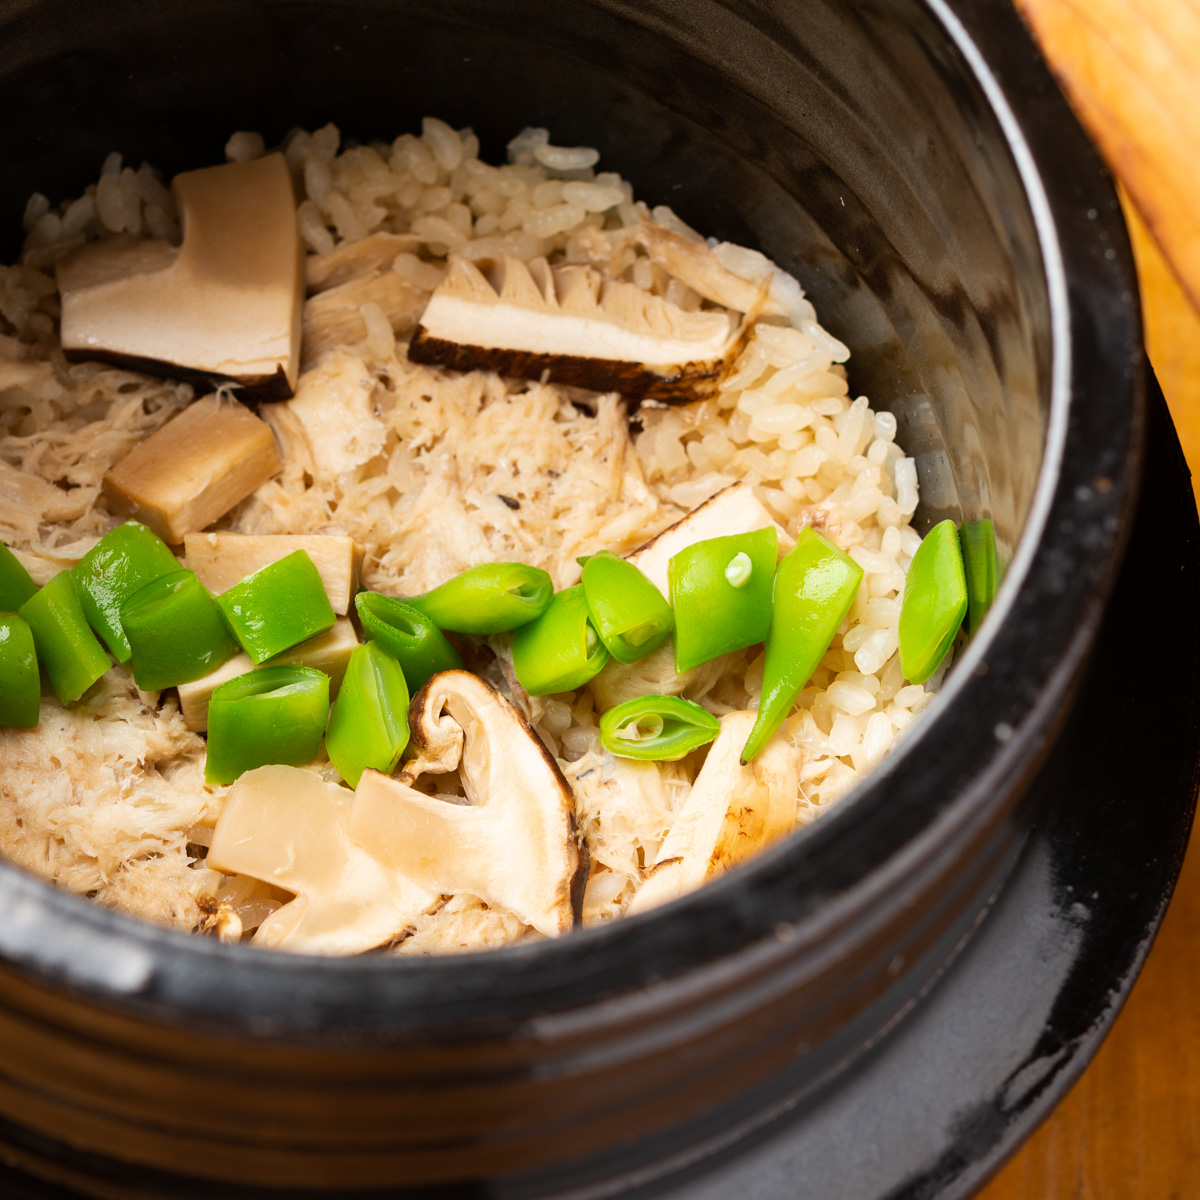 御飯物|鯛と松茸の炊き込み御飯、小芋と三葉の赤出汁